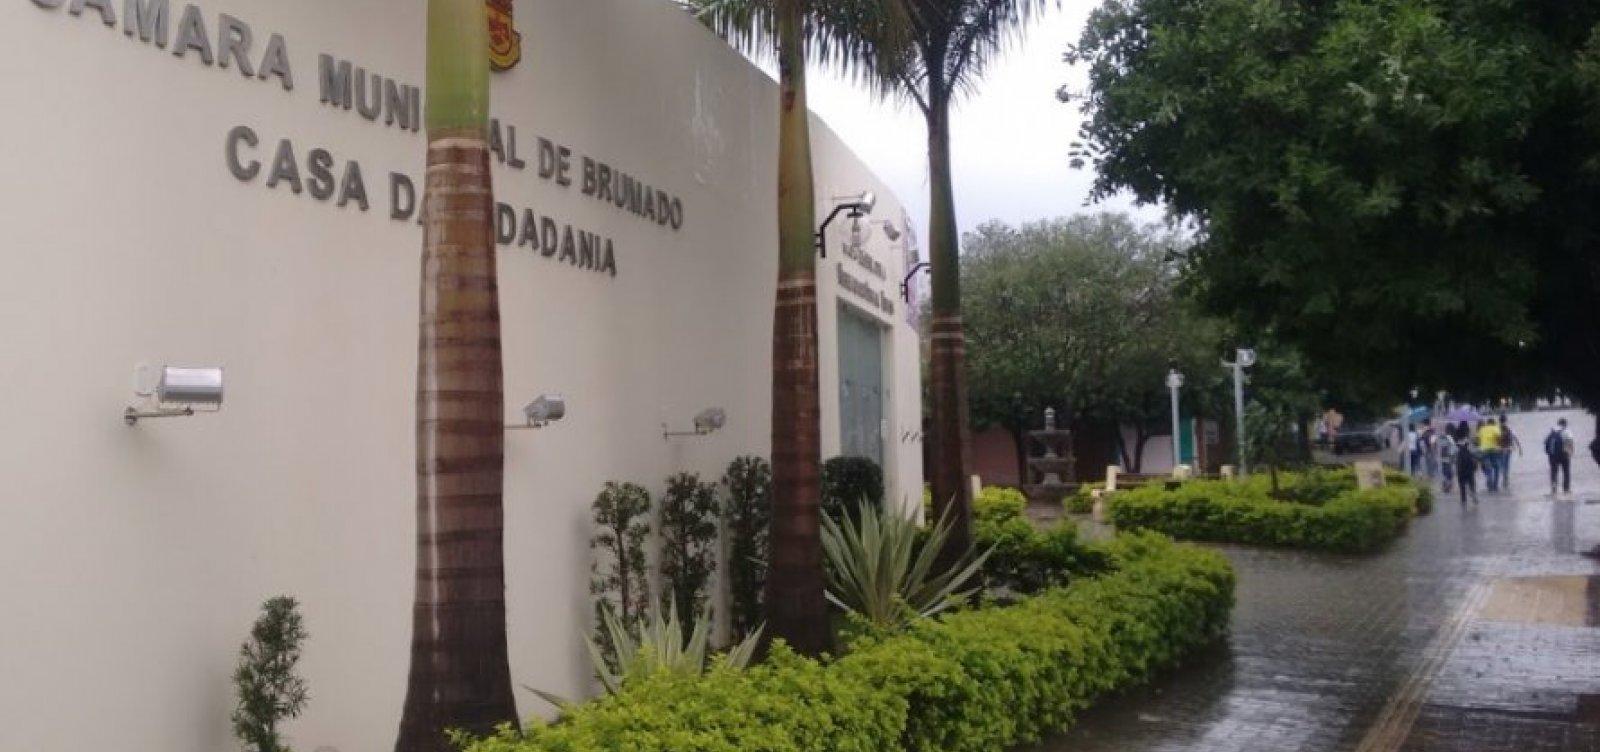 Após autorizar empréstimo de R$ 20 mi, Câmara de Brumado permite prefeito a tomar outro de R$ 5 mi